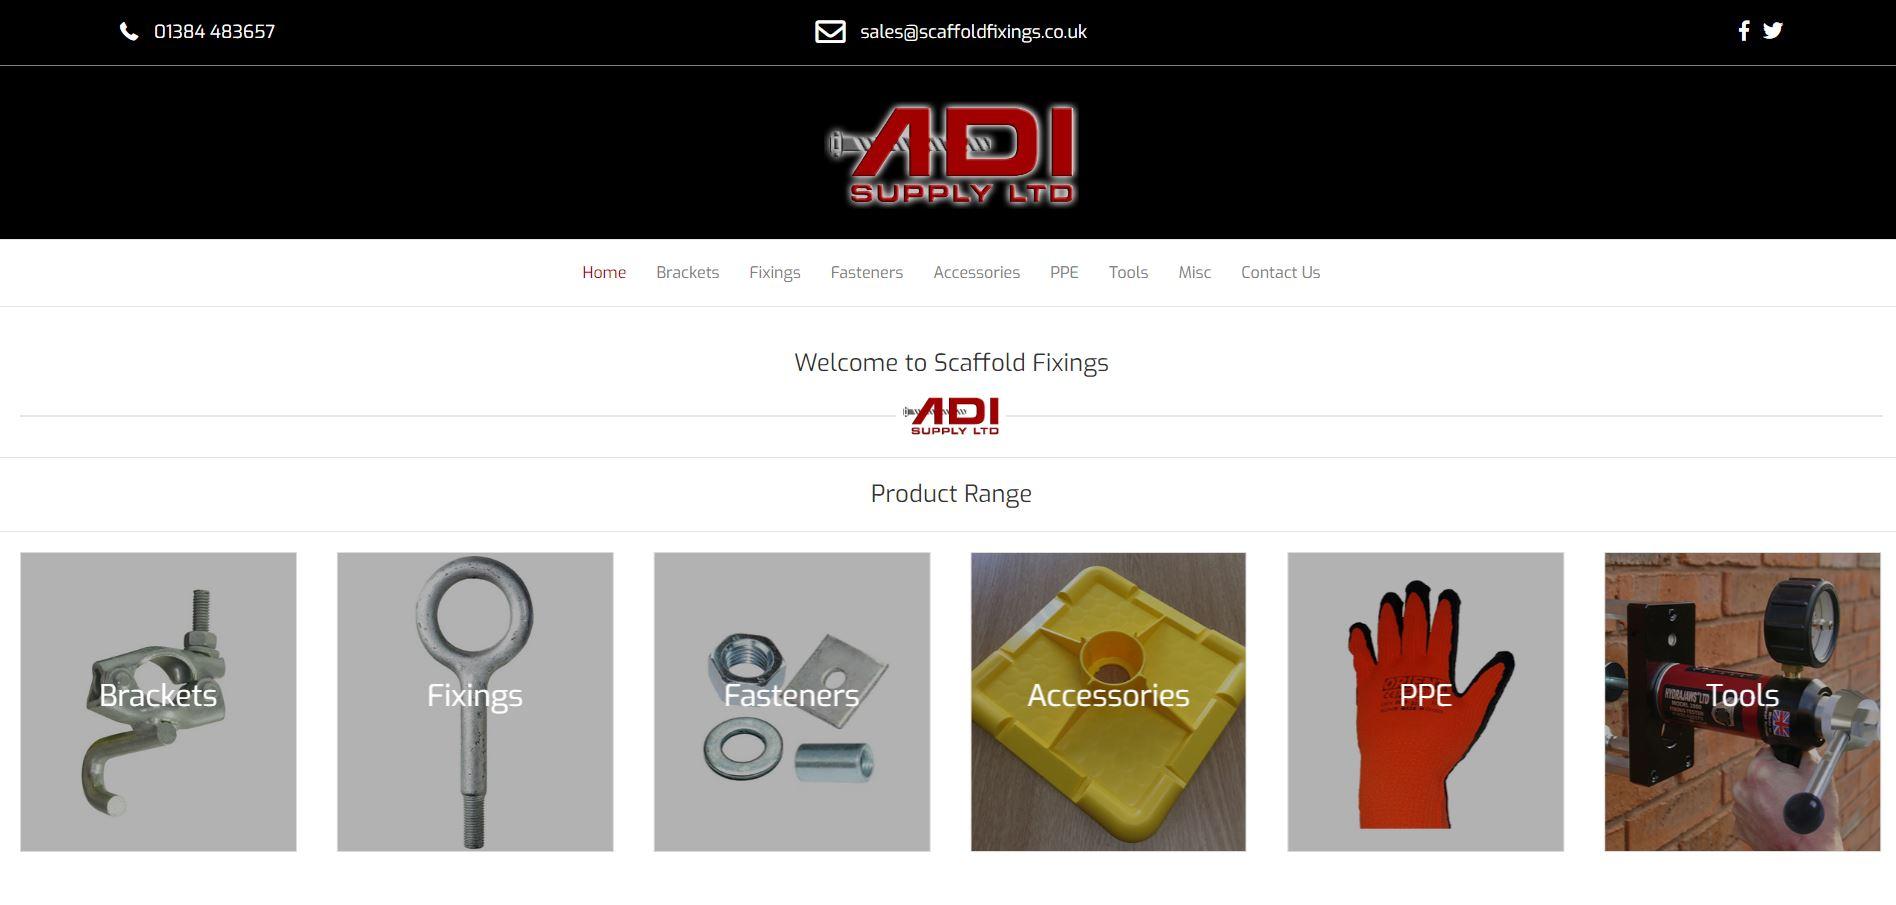 ADI-Scaffold-Fixings